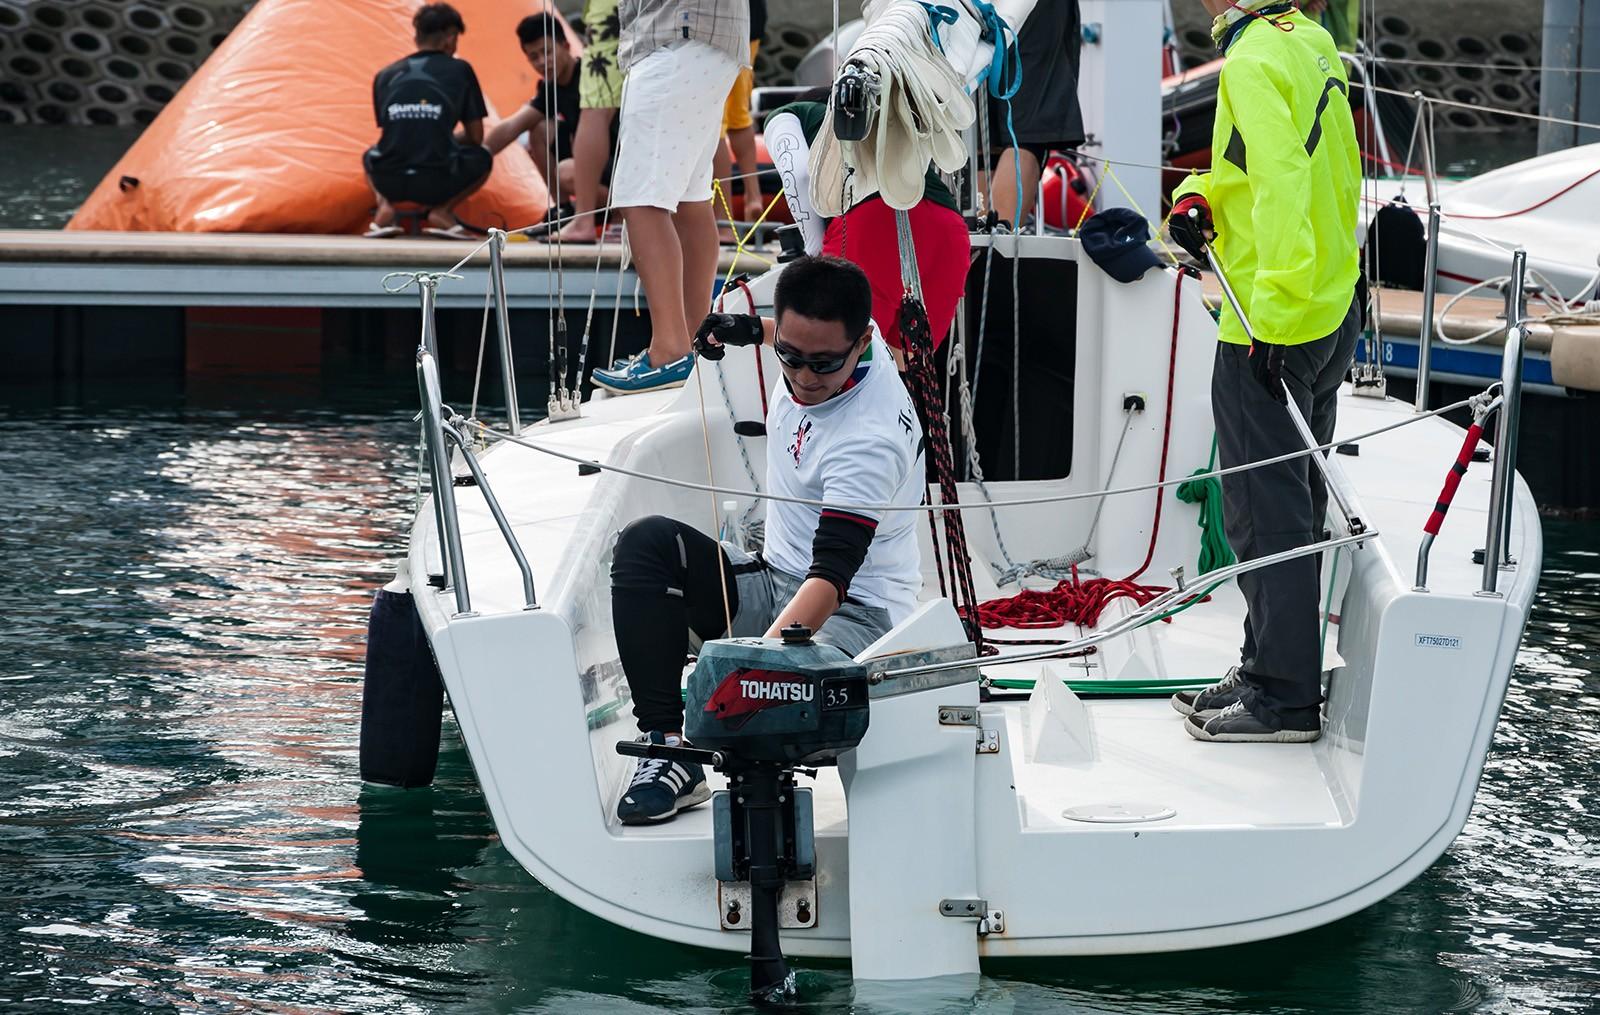 【2015大鹏杯帆船赛】51航海网船队整装待发 c4.jpg